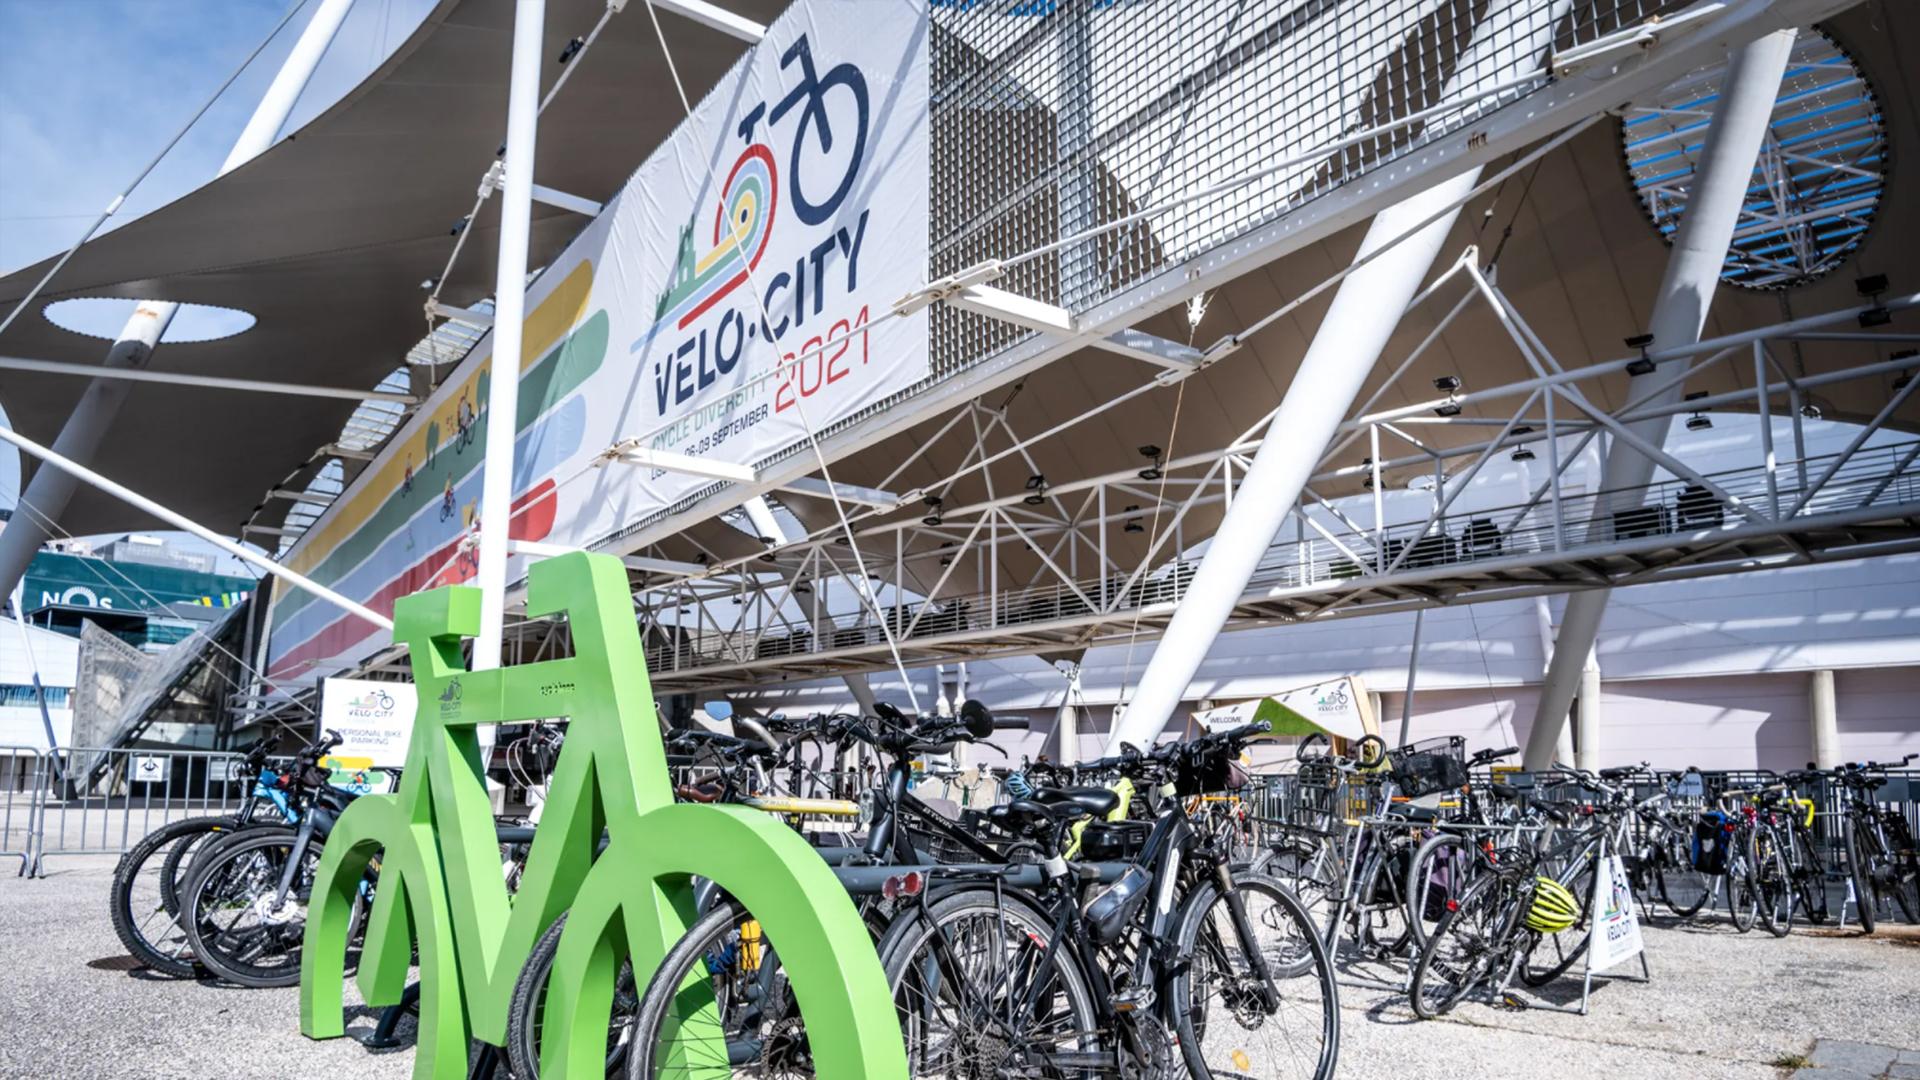 Lisboa para pessoas – Como podes fazer parte da Velo-city sem bilhete – 7 de Setembro, 2021